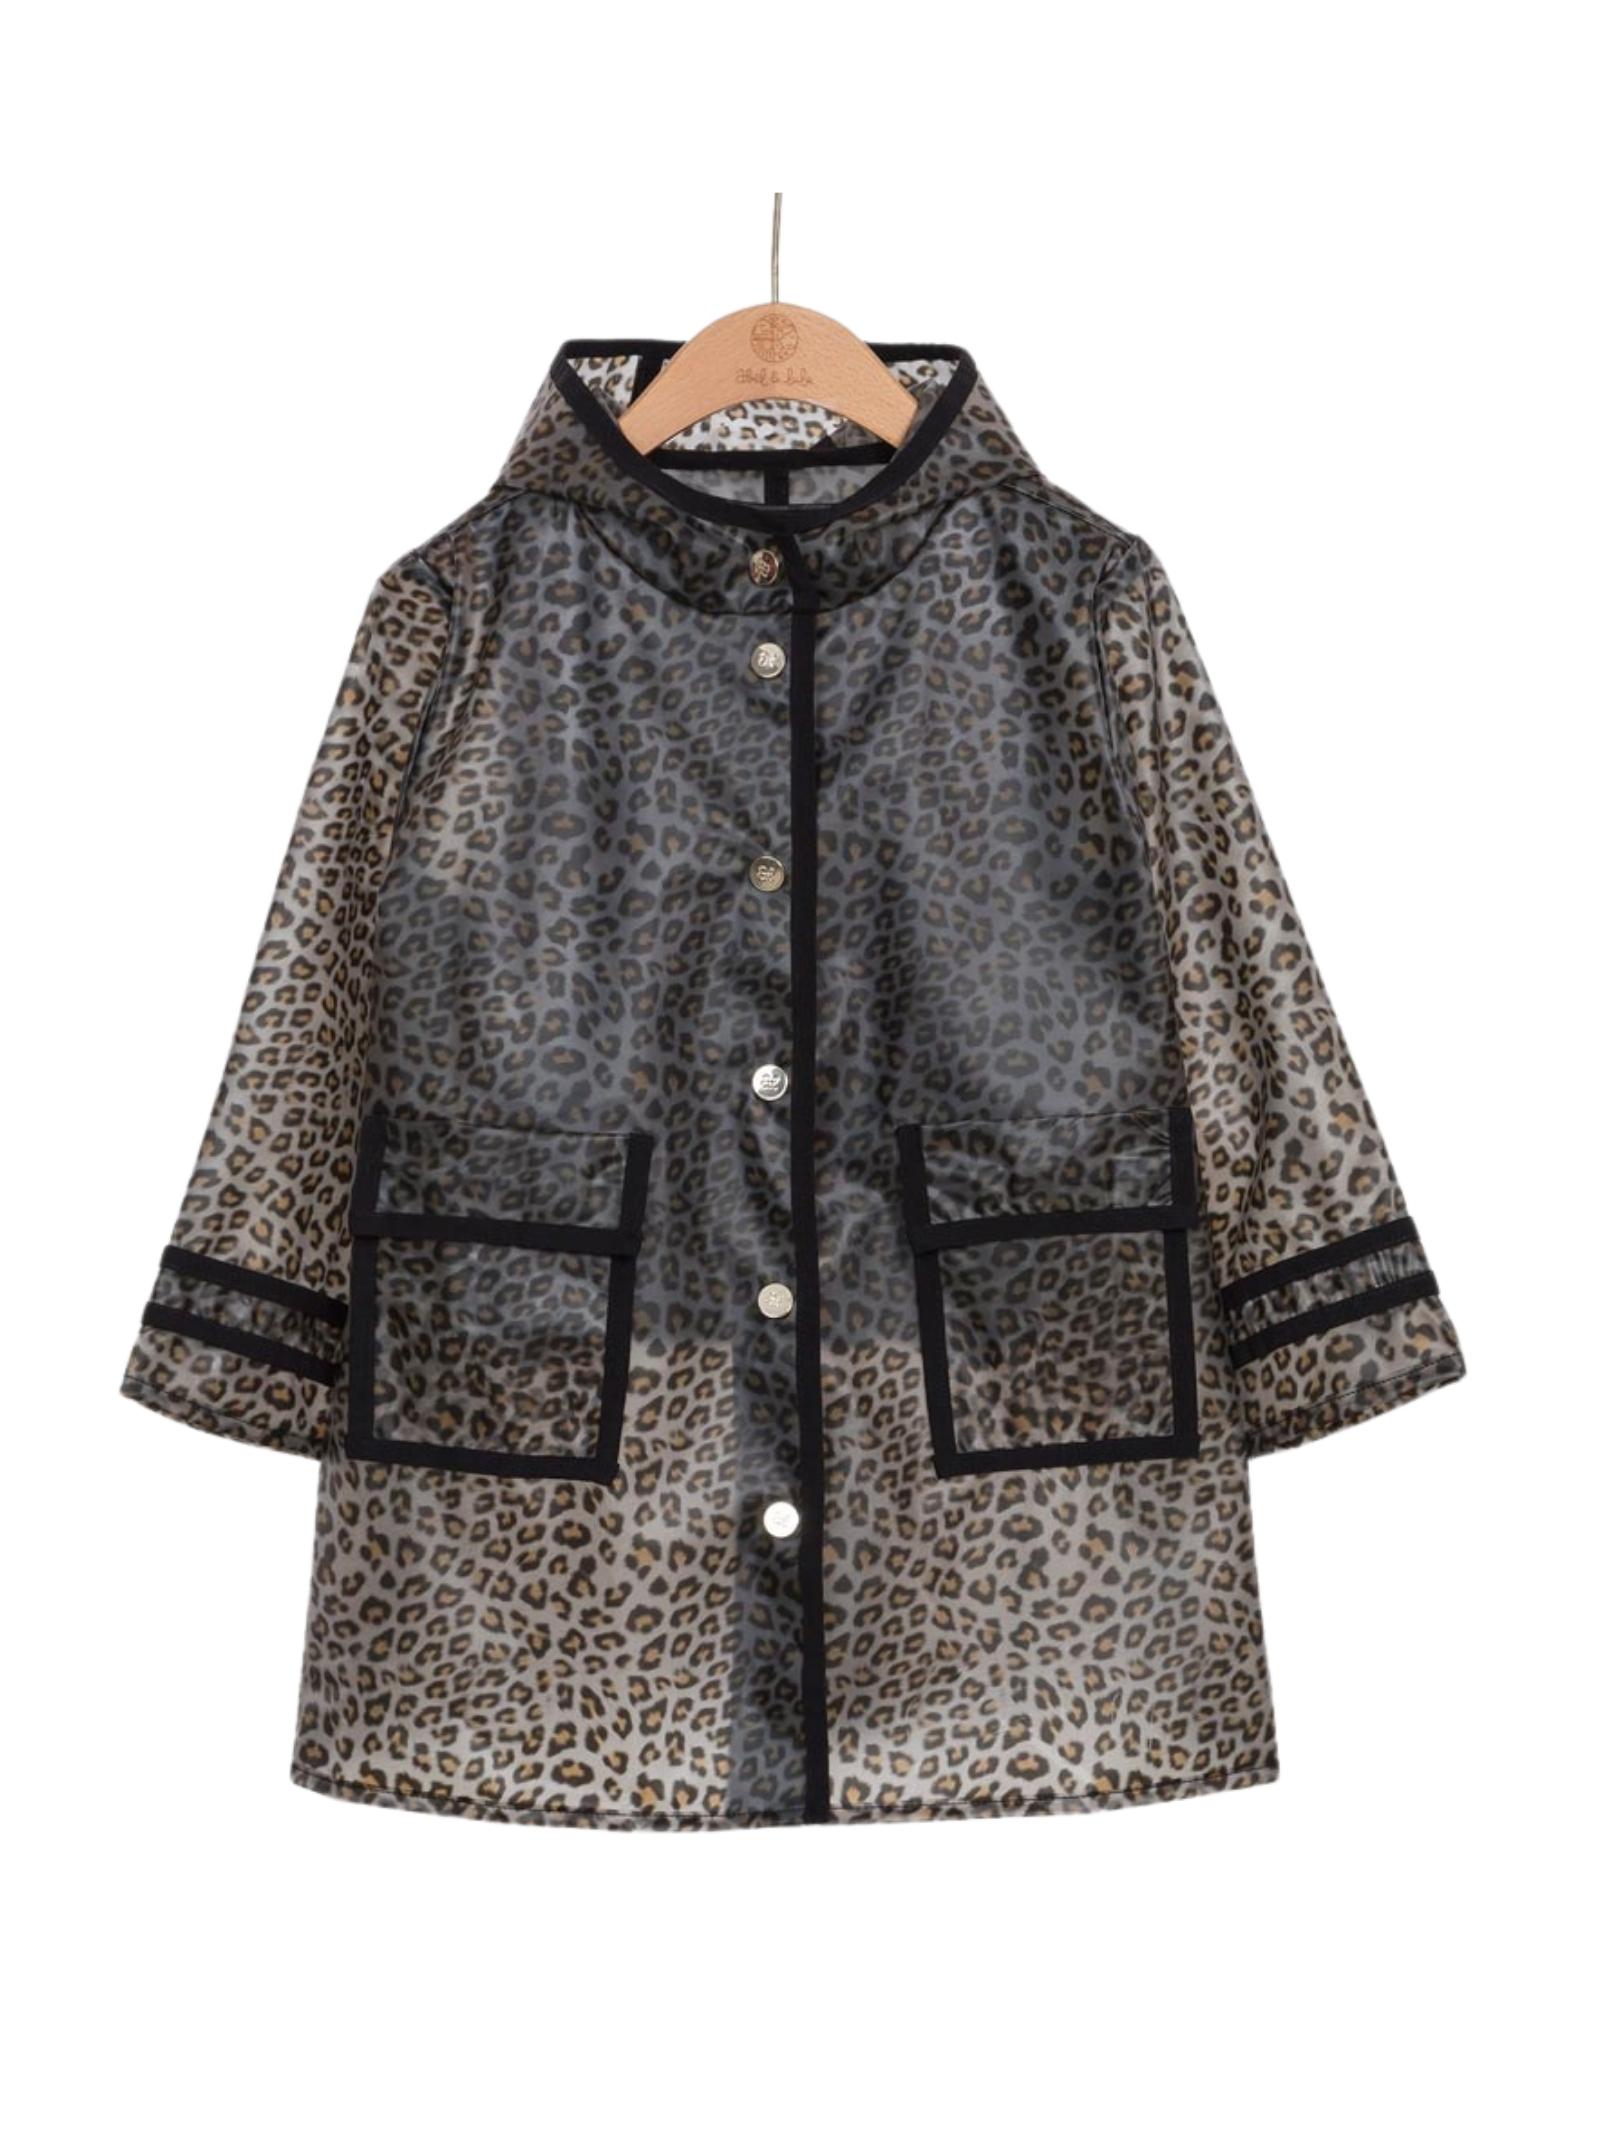 Waterproof Leopard Jacket ABEL&LULA | Jackets | 5853009